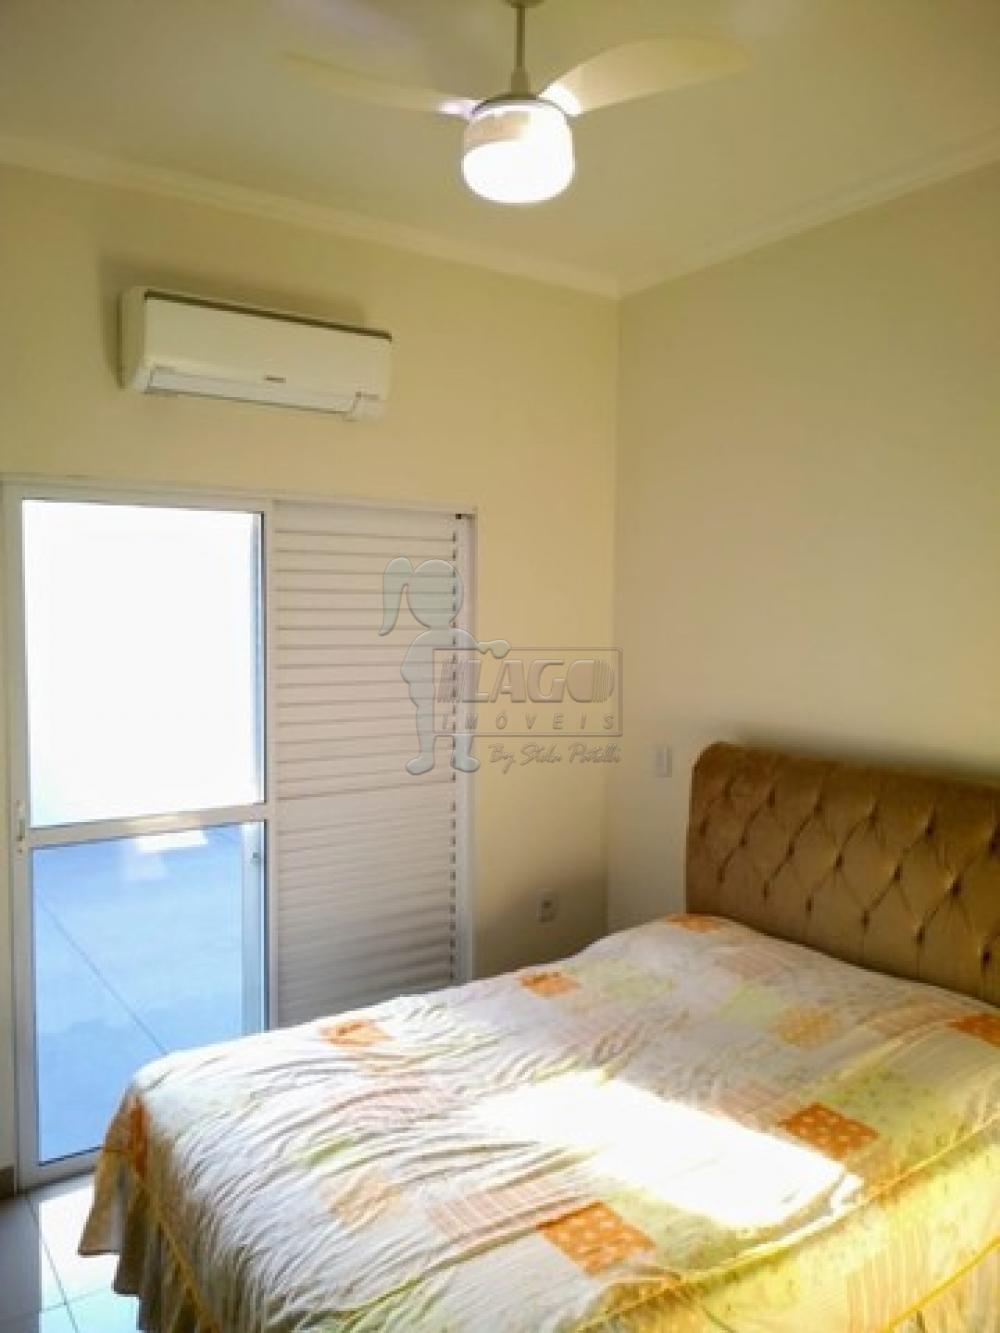 Comprar Casas / Padrão em Sertãozinho R$ 440.000,00 - Foto 14